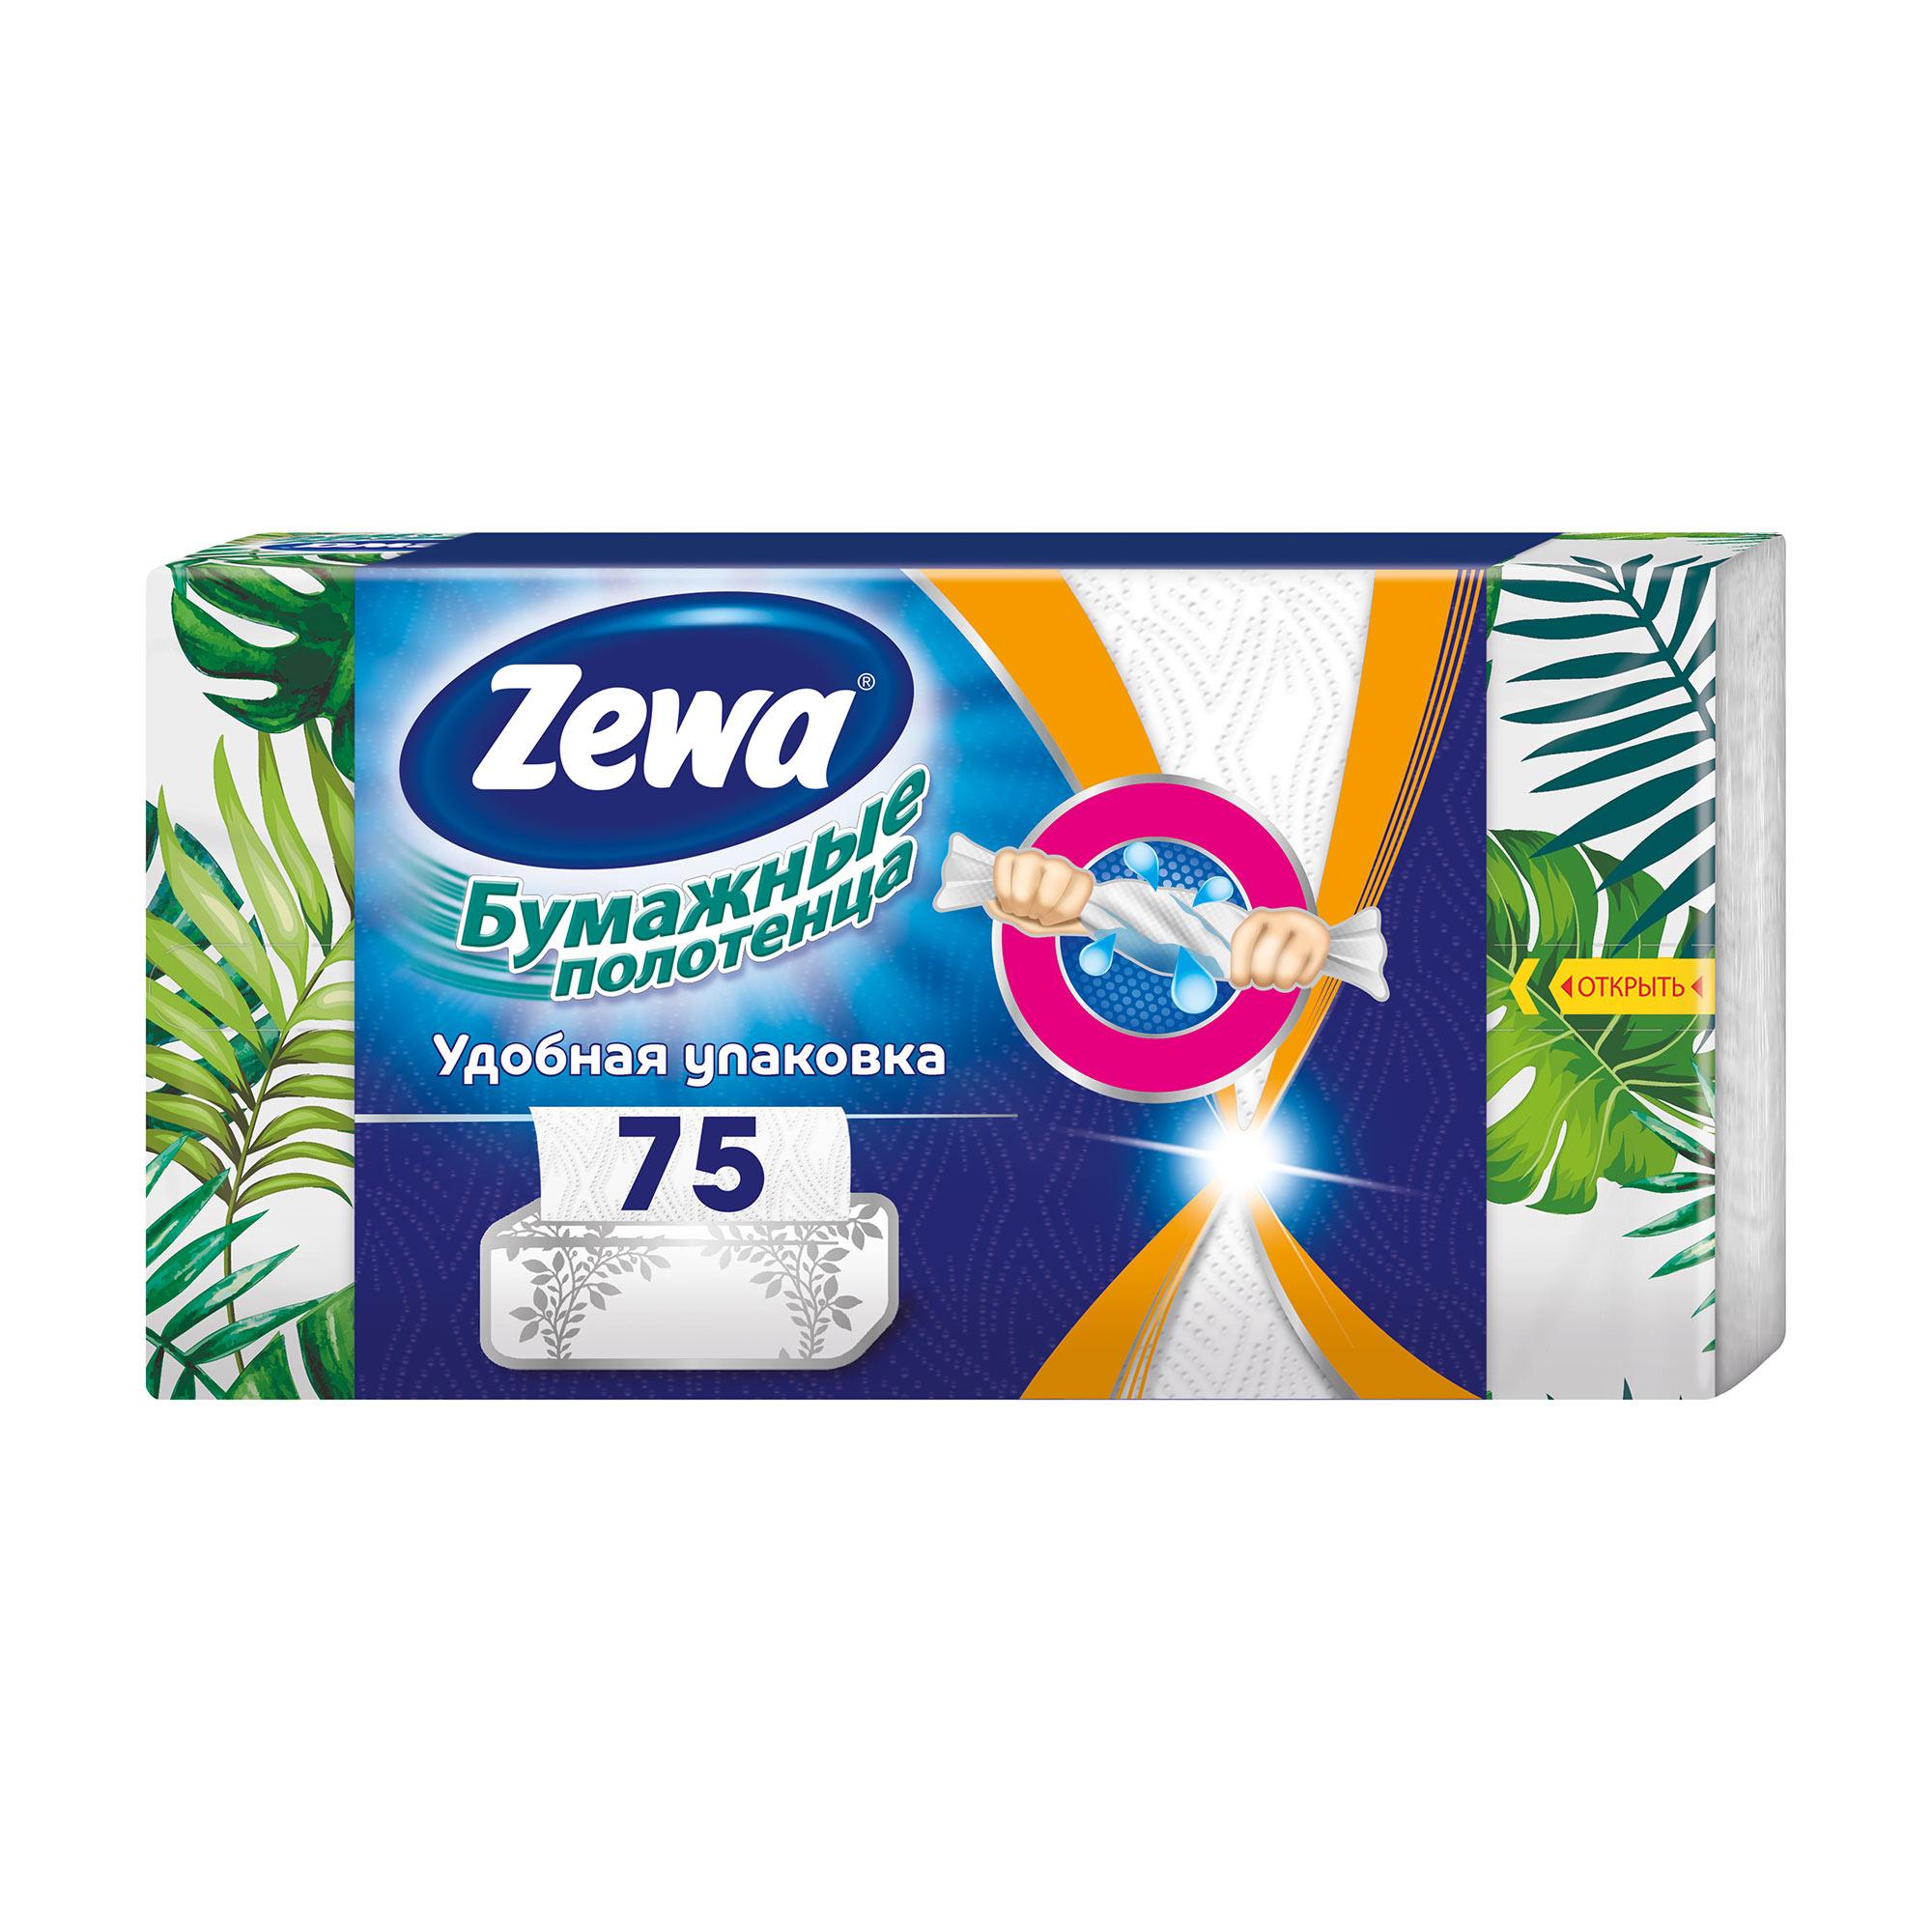 Полотенца бумажные Zewa Wish&Weg Удобная упаковка двухслойные 75 шт пледы и полотенца